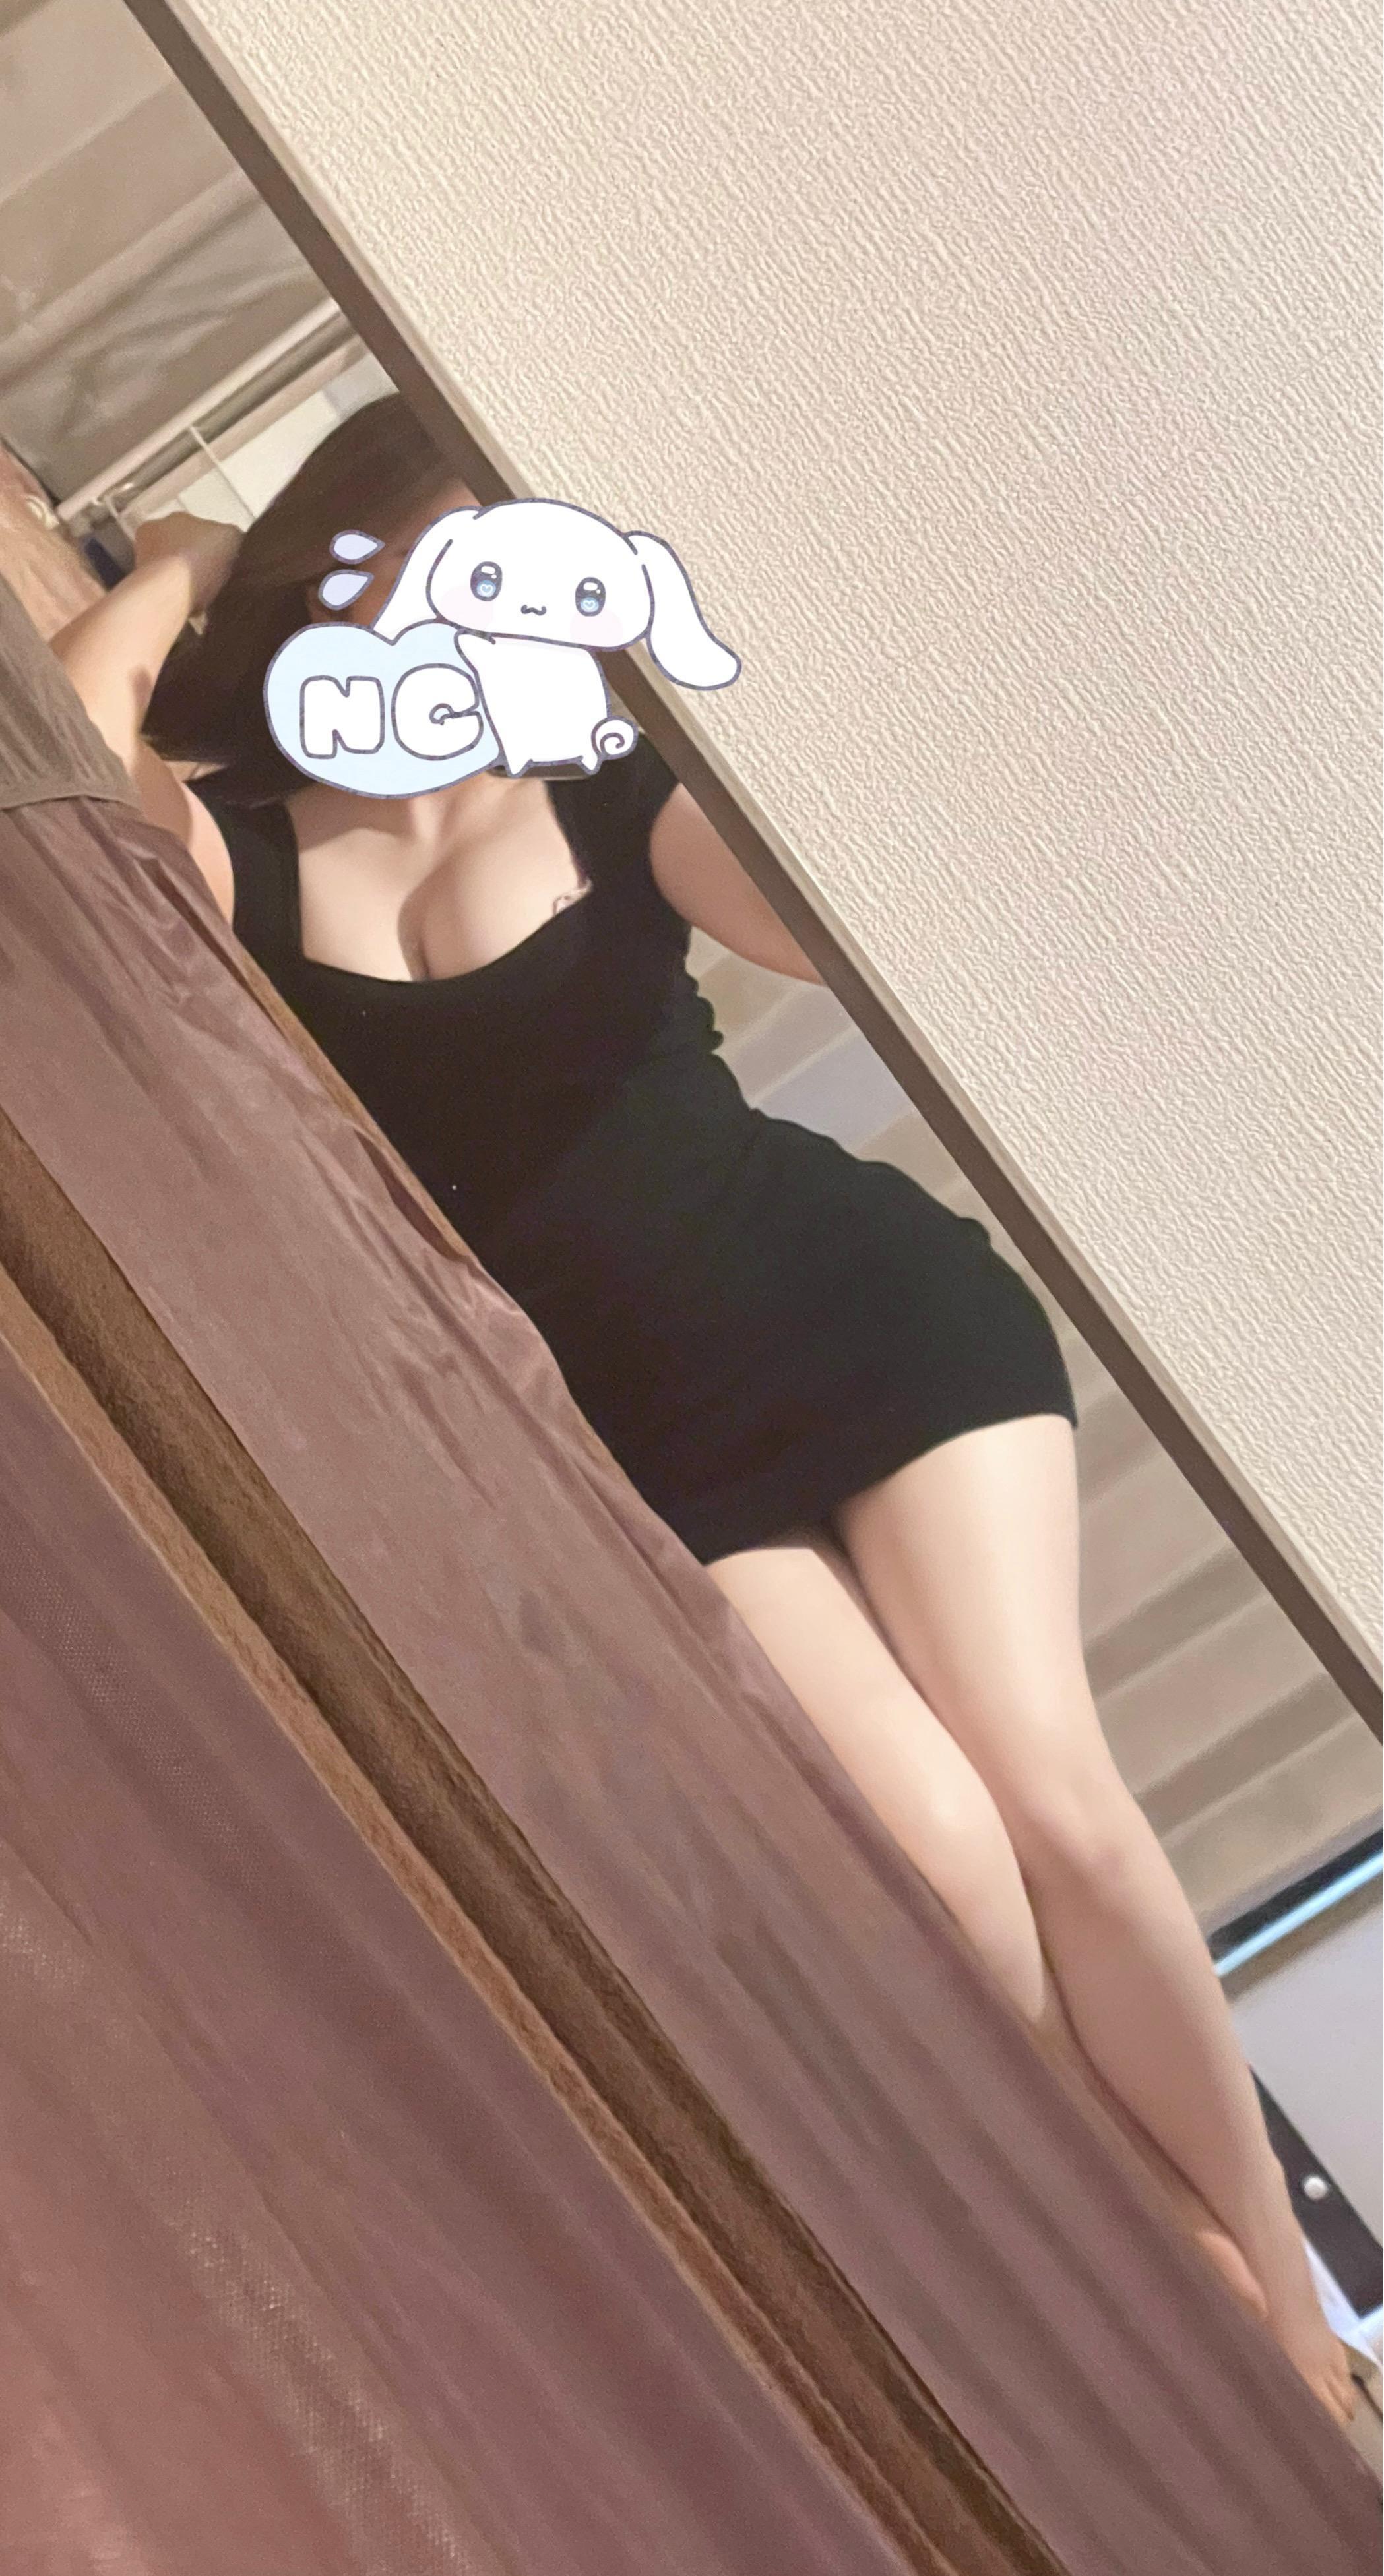 「来週の出勤予定日︎︎ᕷ」10/23(土) 07:03   ゆりの写メ日記